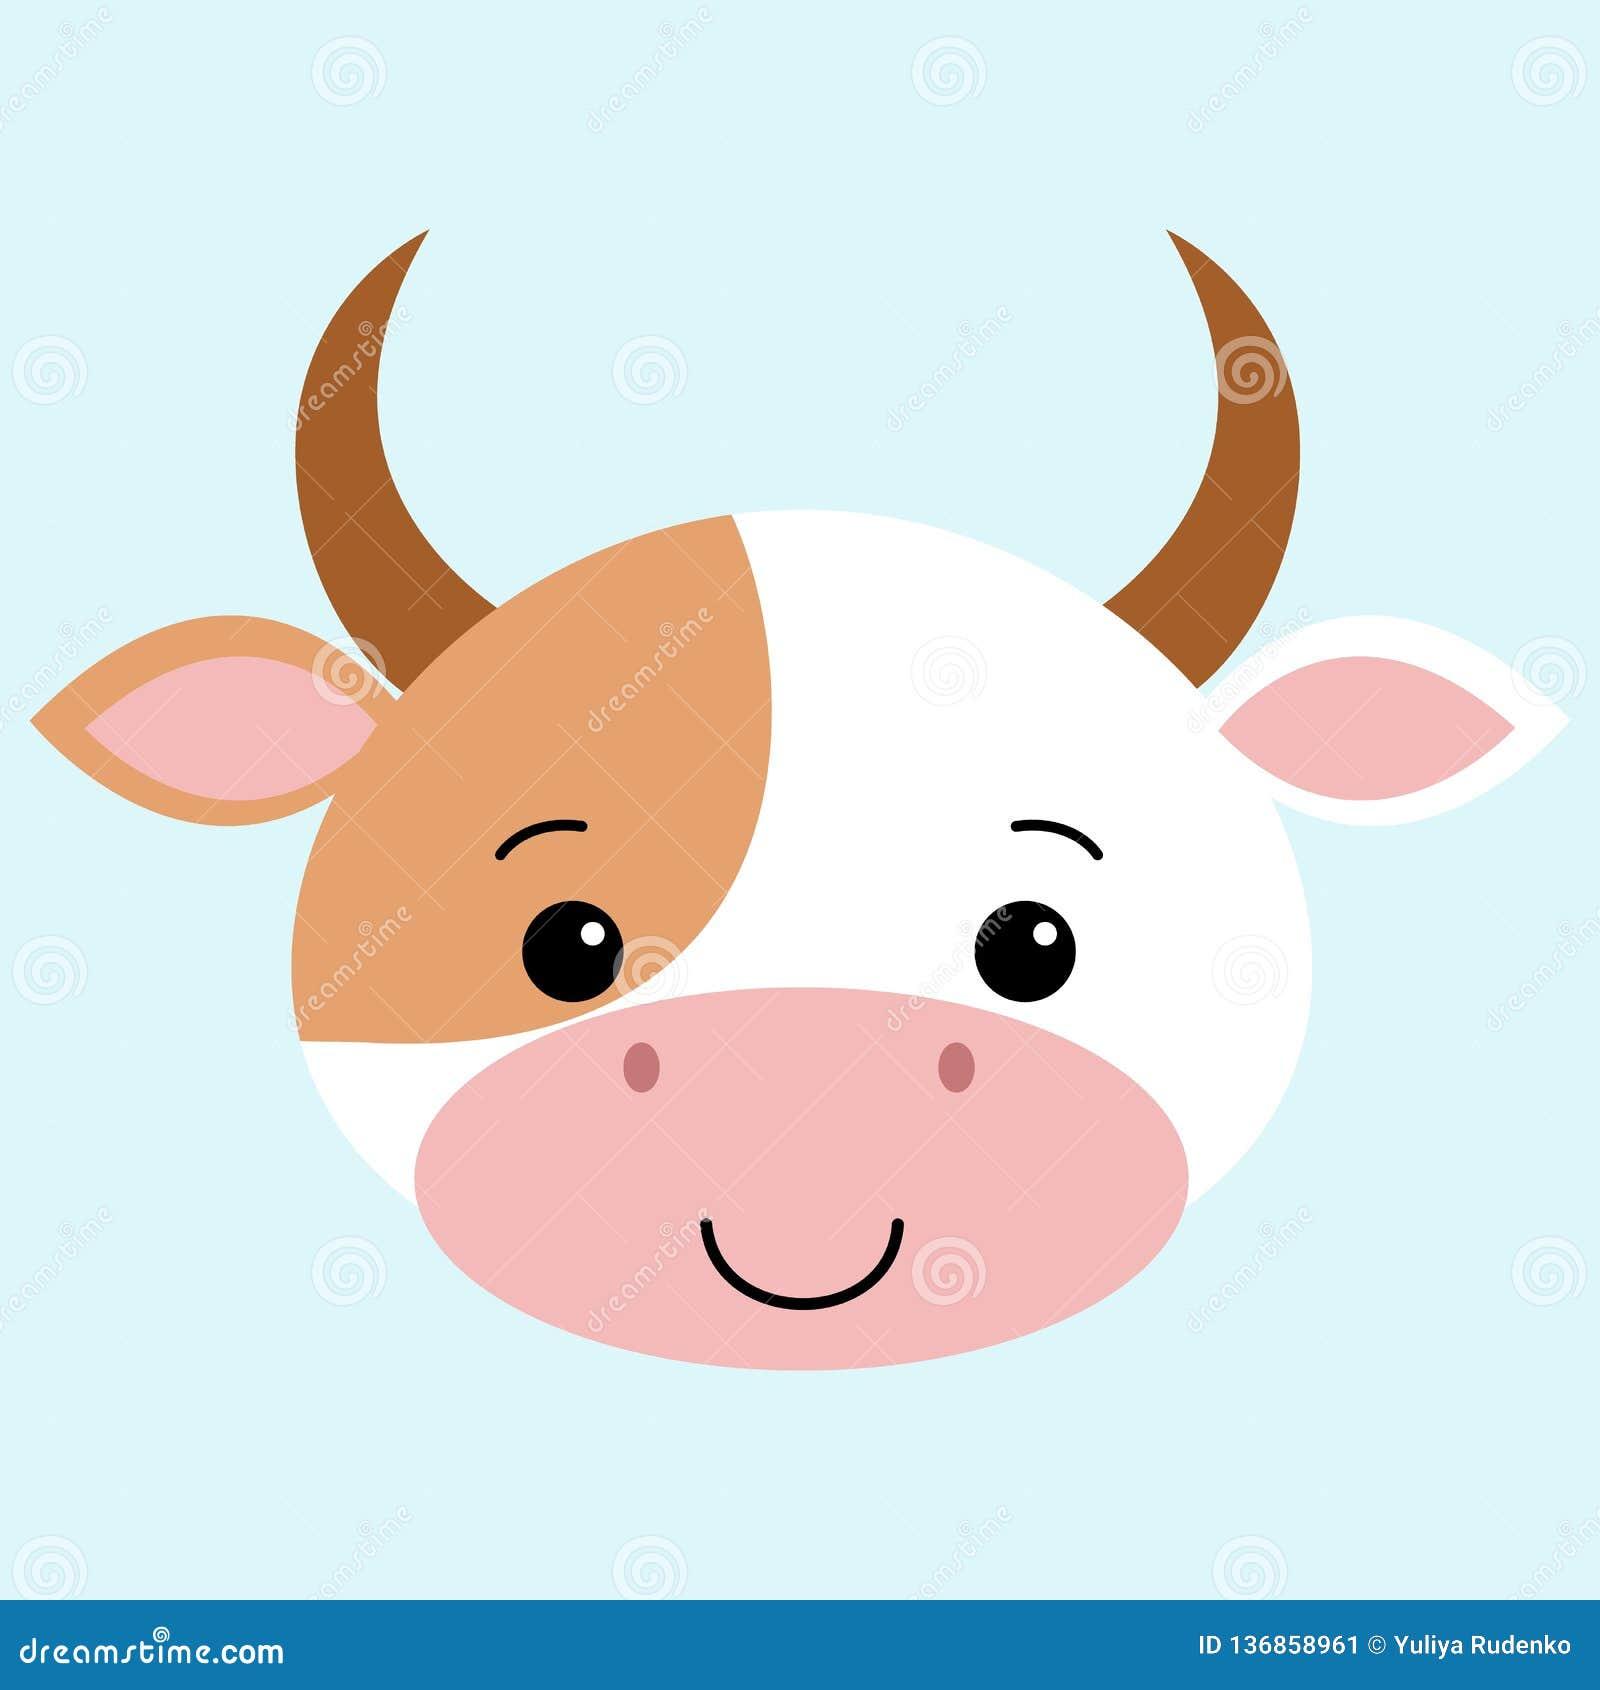 Επίπεδο ύφος κινούμενων σχεδίων αγελάδων, χαριτωμένο διανυσματικό αστείο ζωικό kawaii απεικόνισης